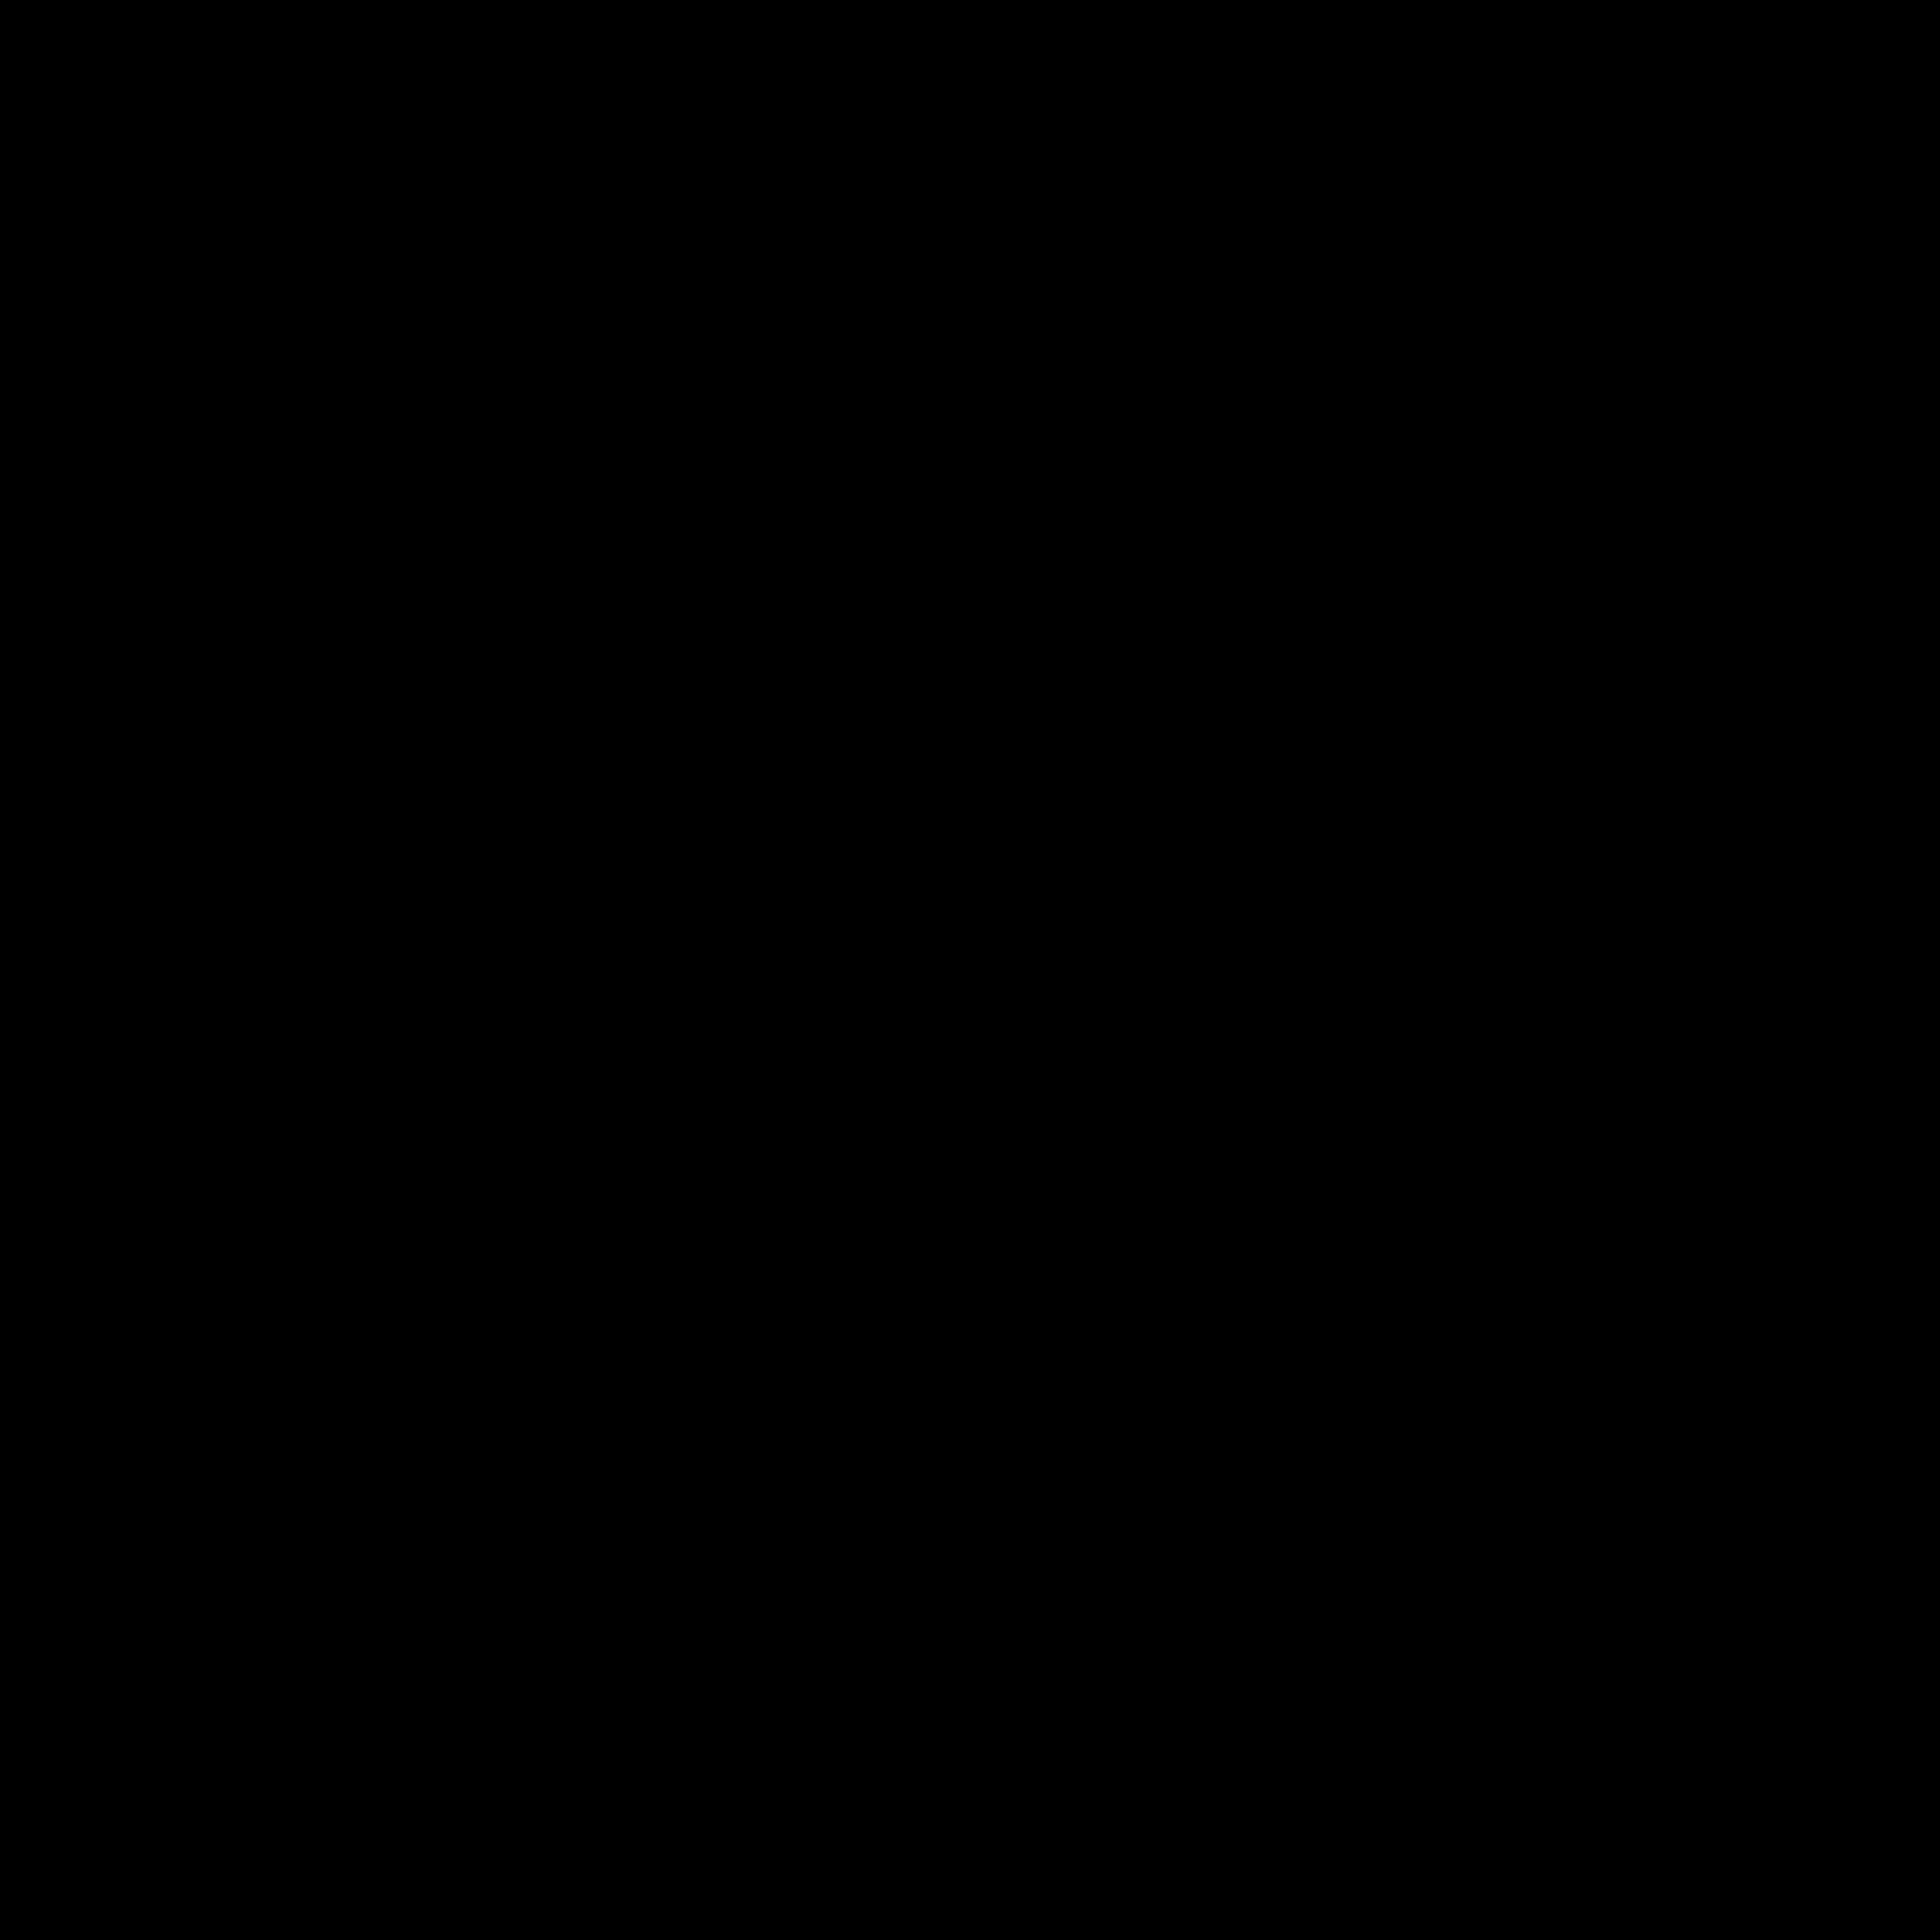 Final Logo_1500x1500_Artboard 1 copy.png